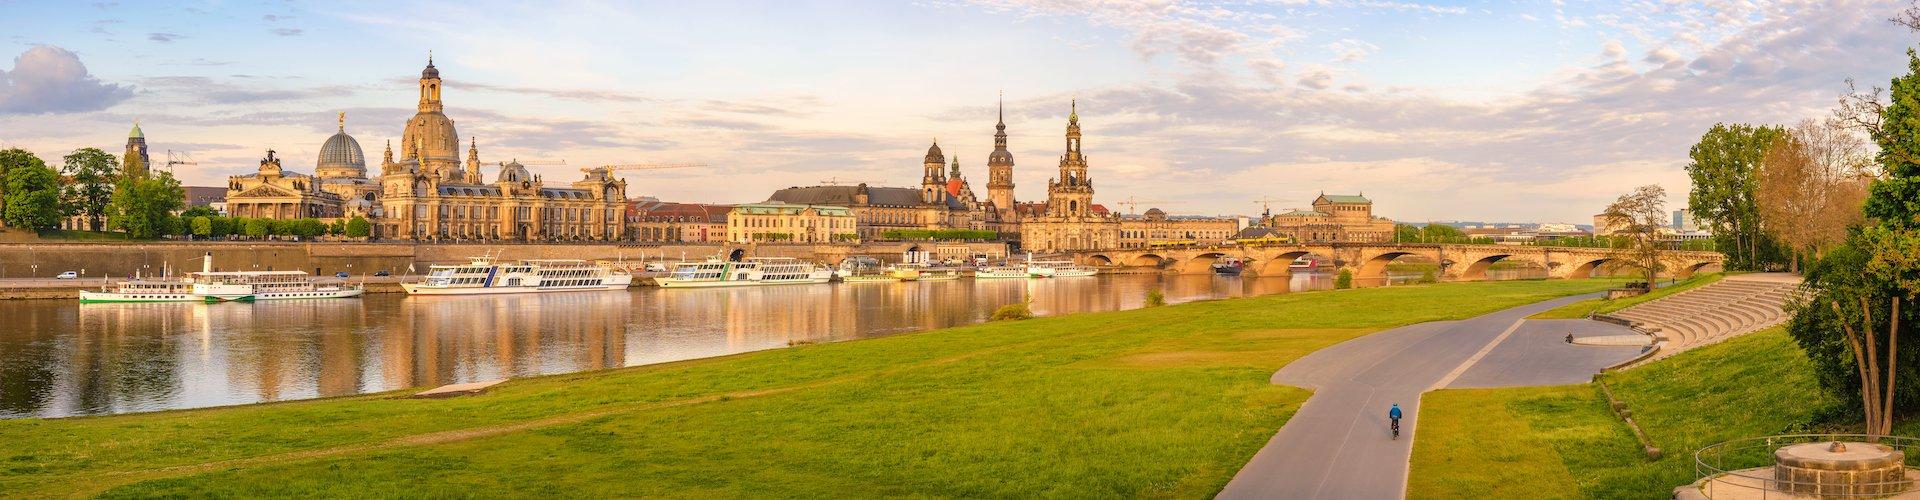 Ausflugsziel Dresden